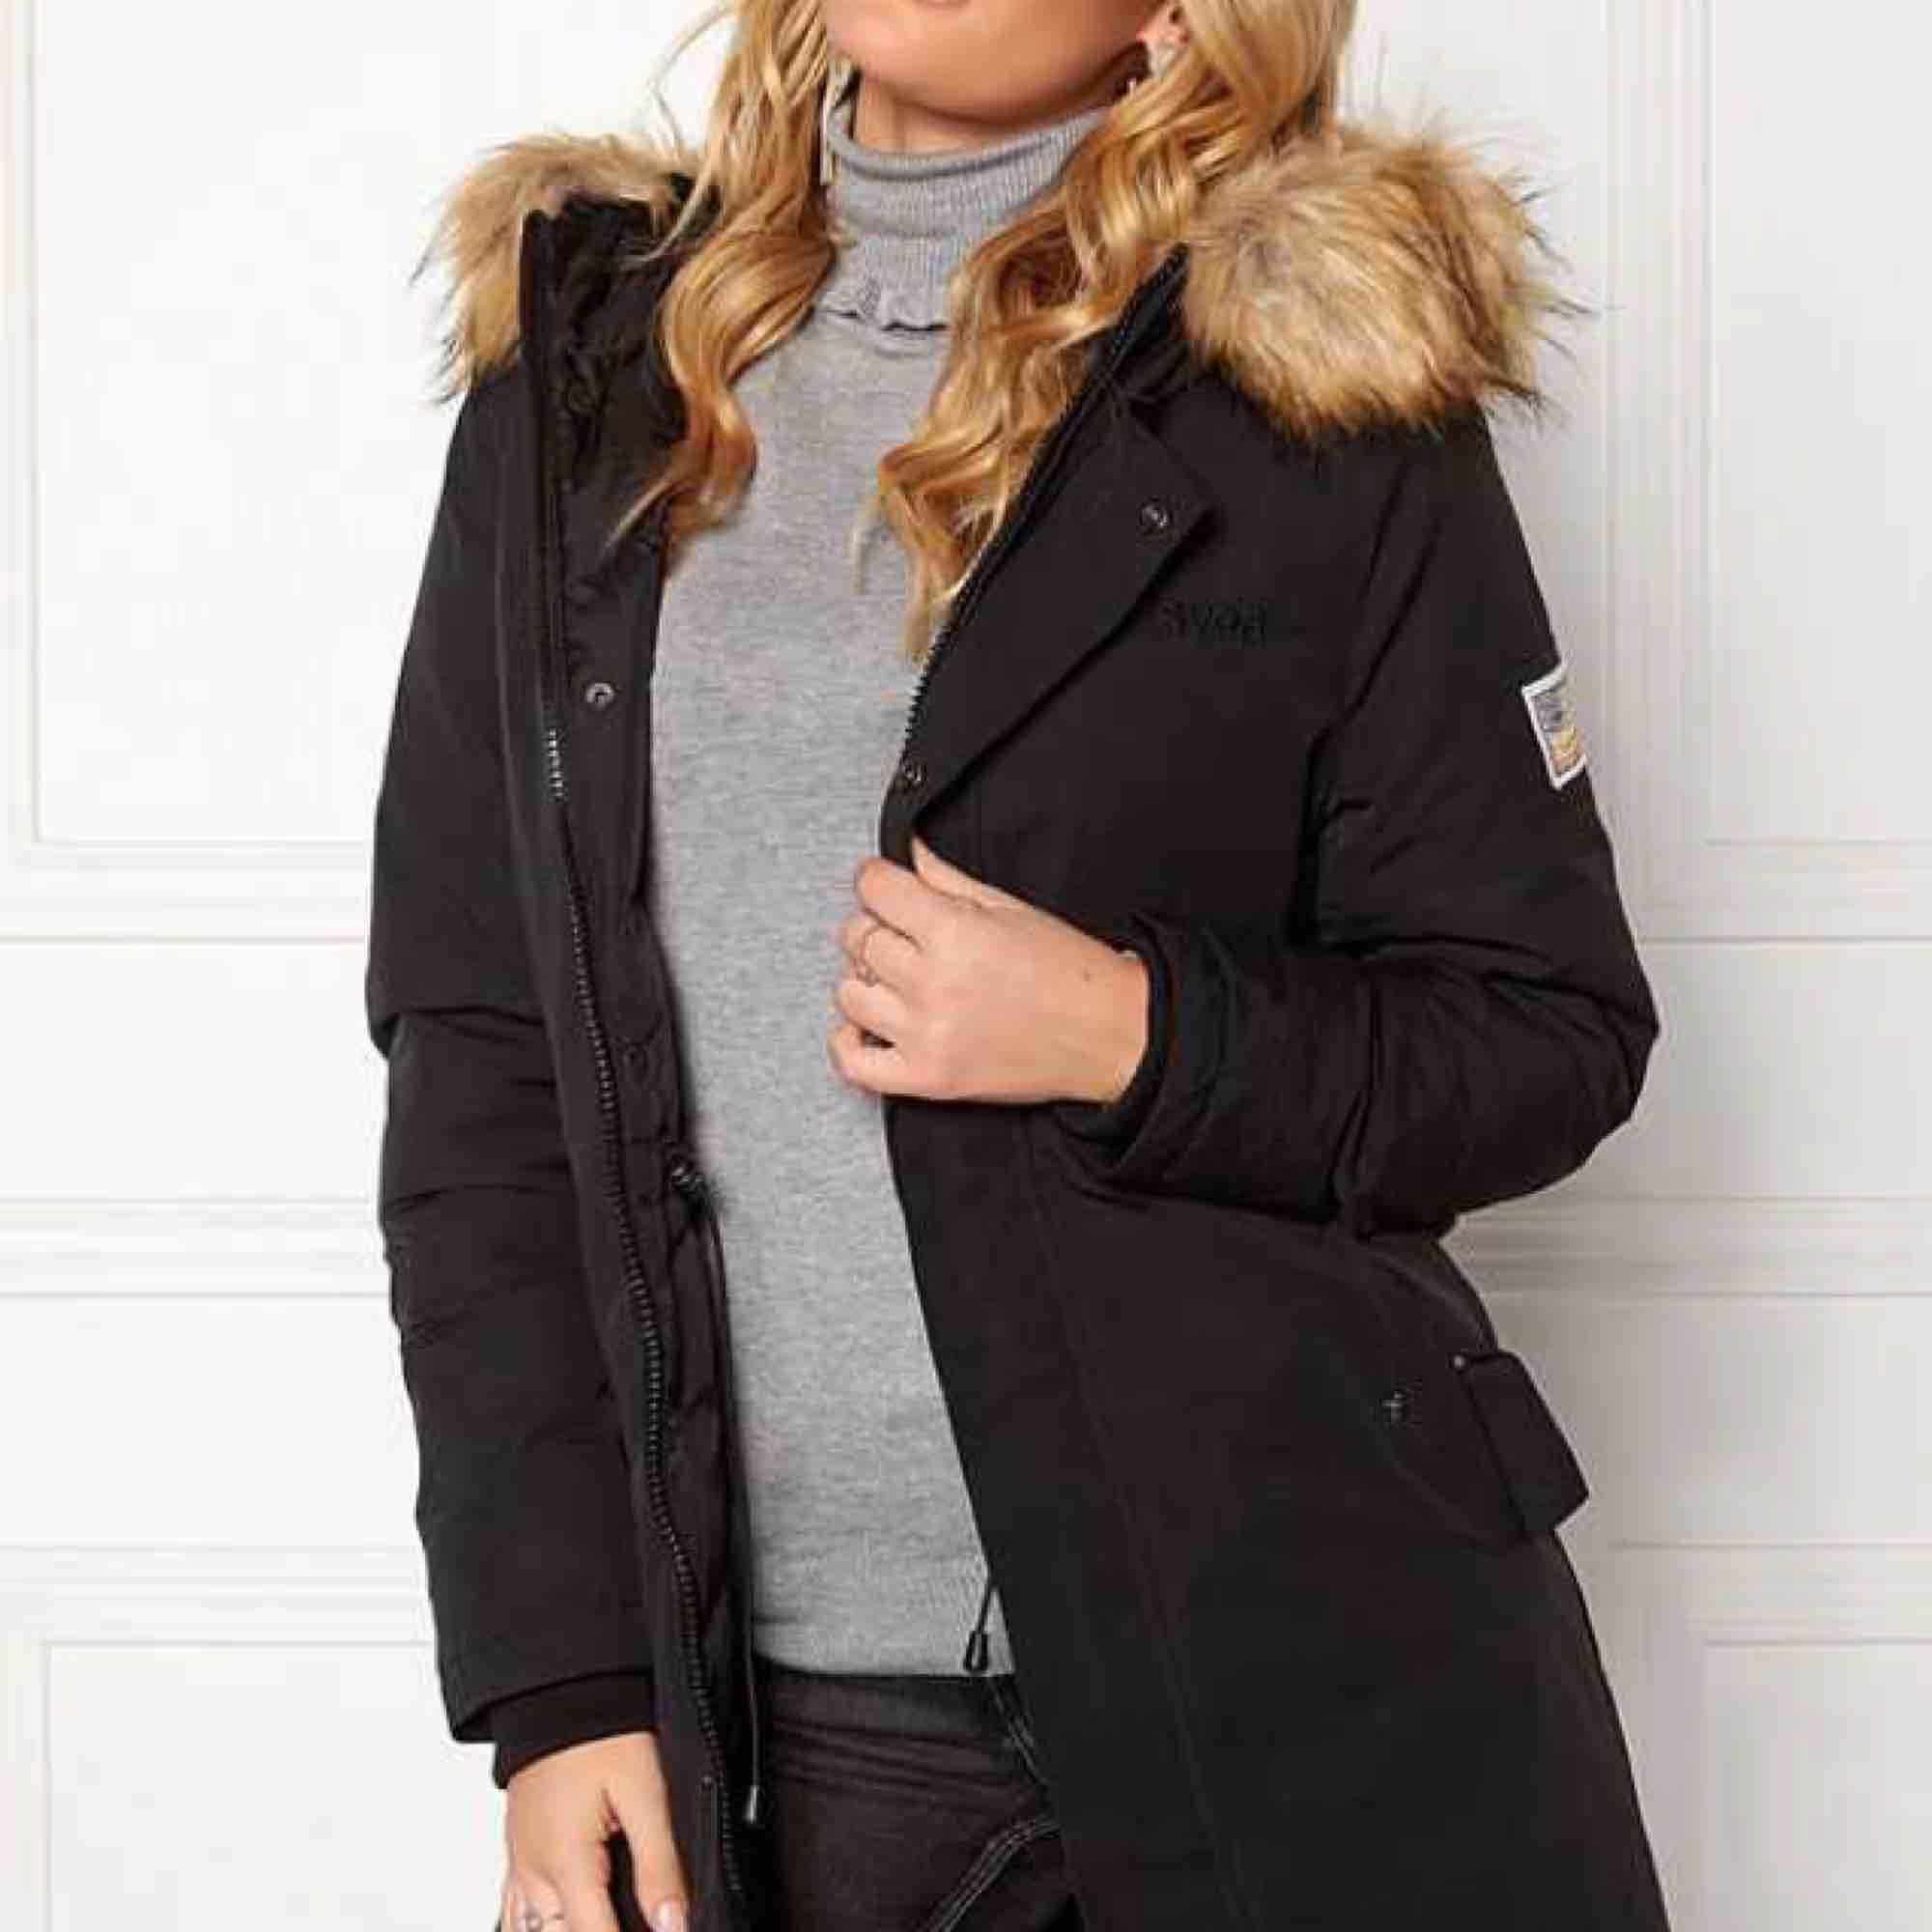 Säljer min Svea jacka, köpt förra vinter. Mycket fin med inga fläckar eller hål.  Varmt fodrad och håller värme❄️ Köpt från Intersport för 2400 kr. Jackor.